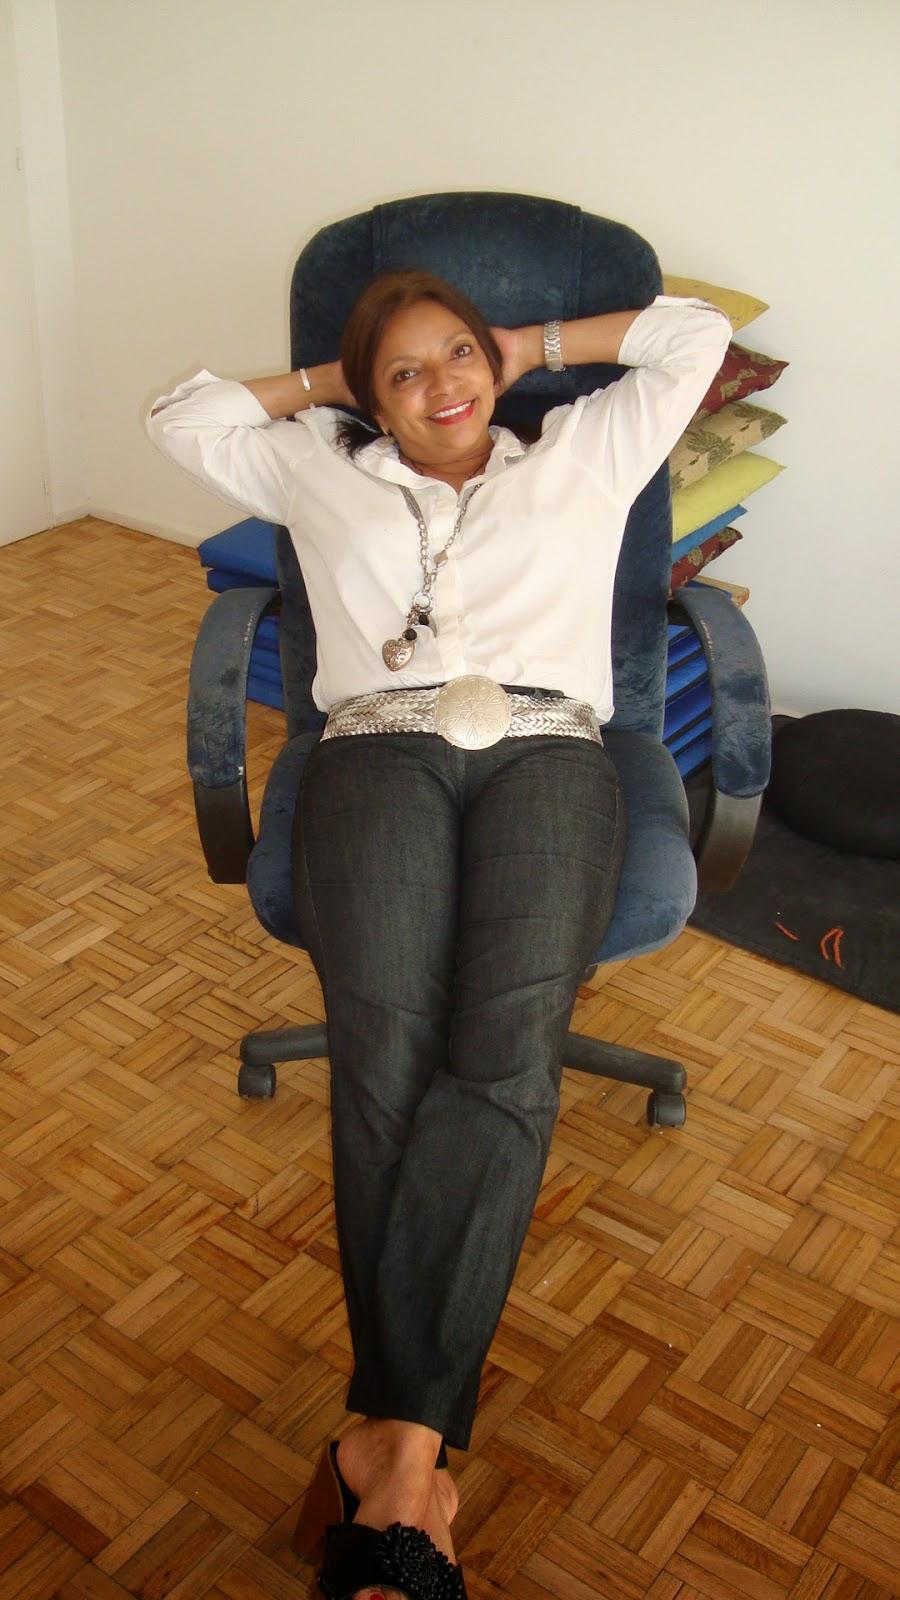 actitud positiva, comunicacion no verbal. Aida Bello Canto